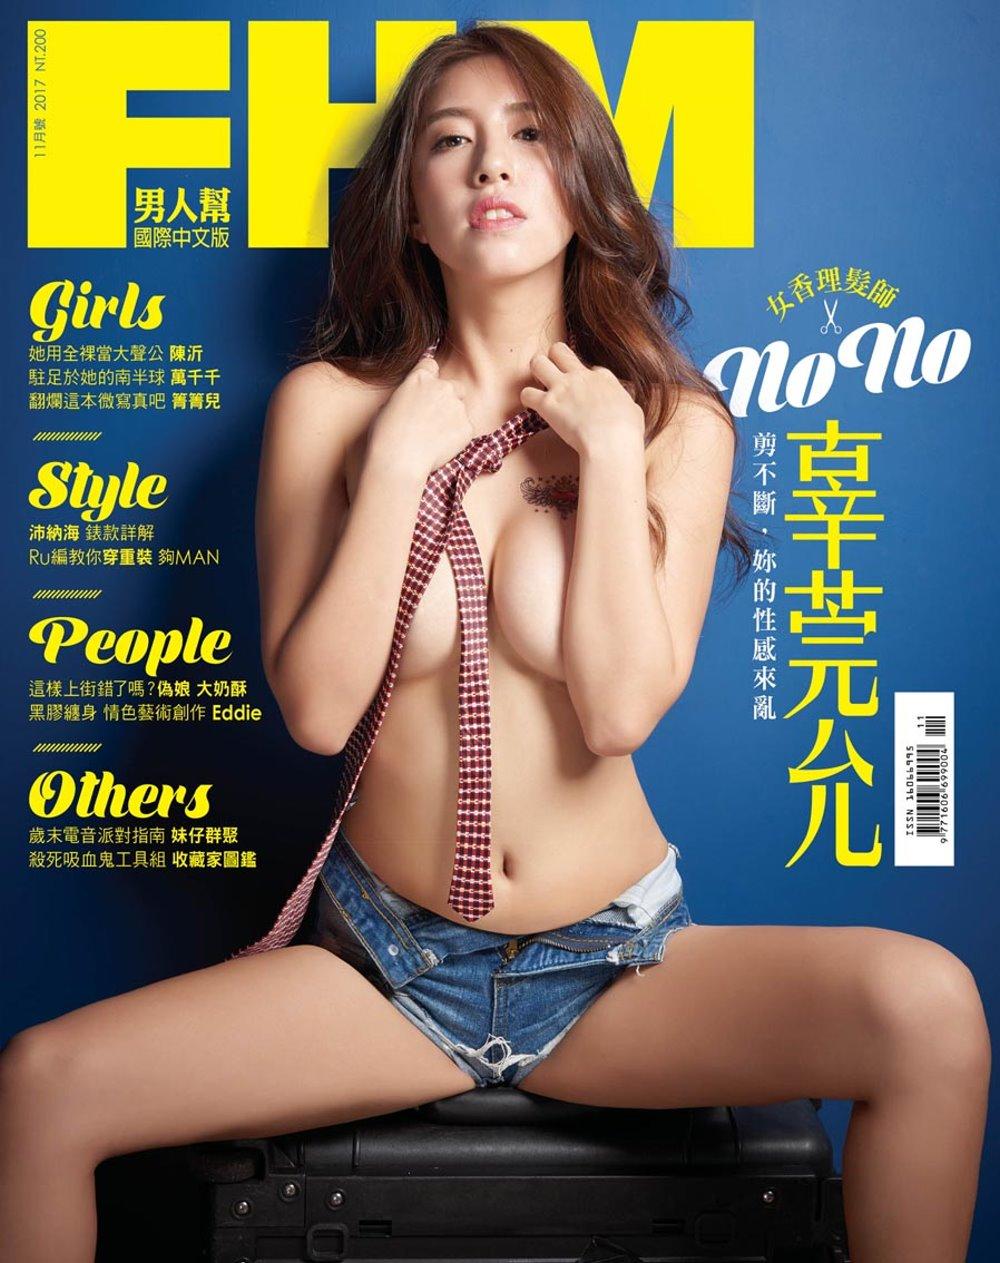 FHM 男人幫國際中文版 11月號/2017 第209期